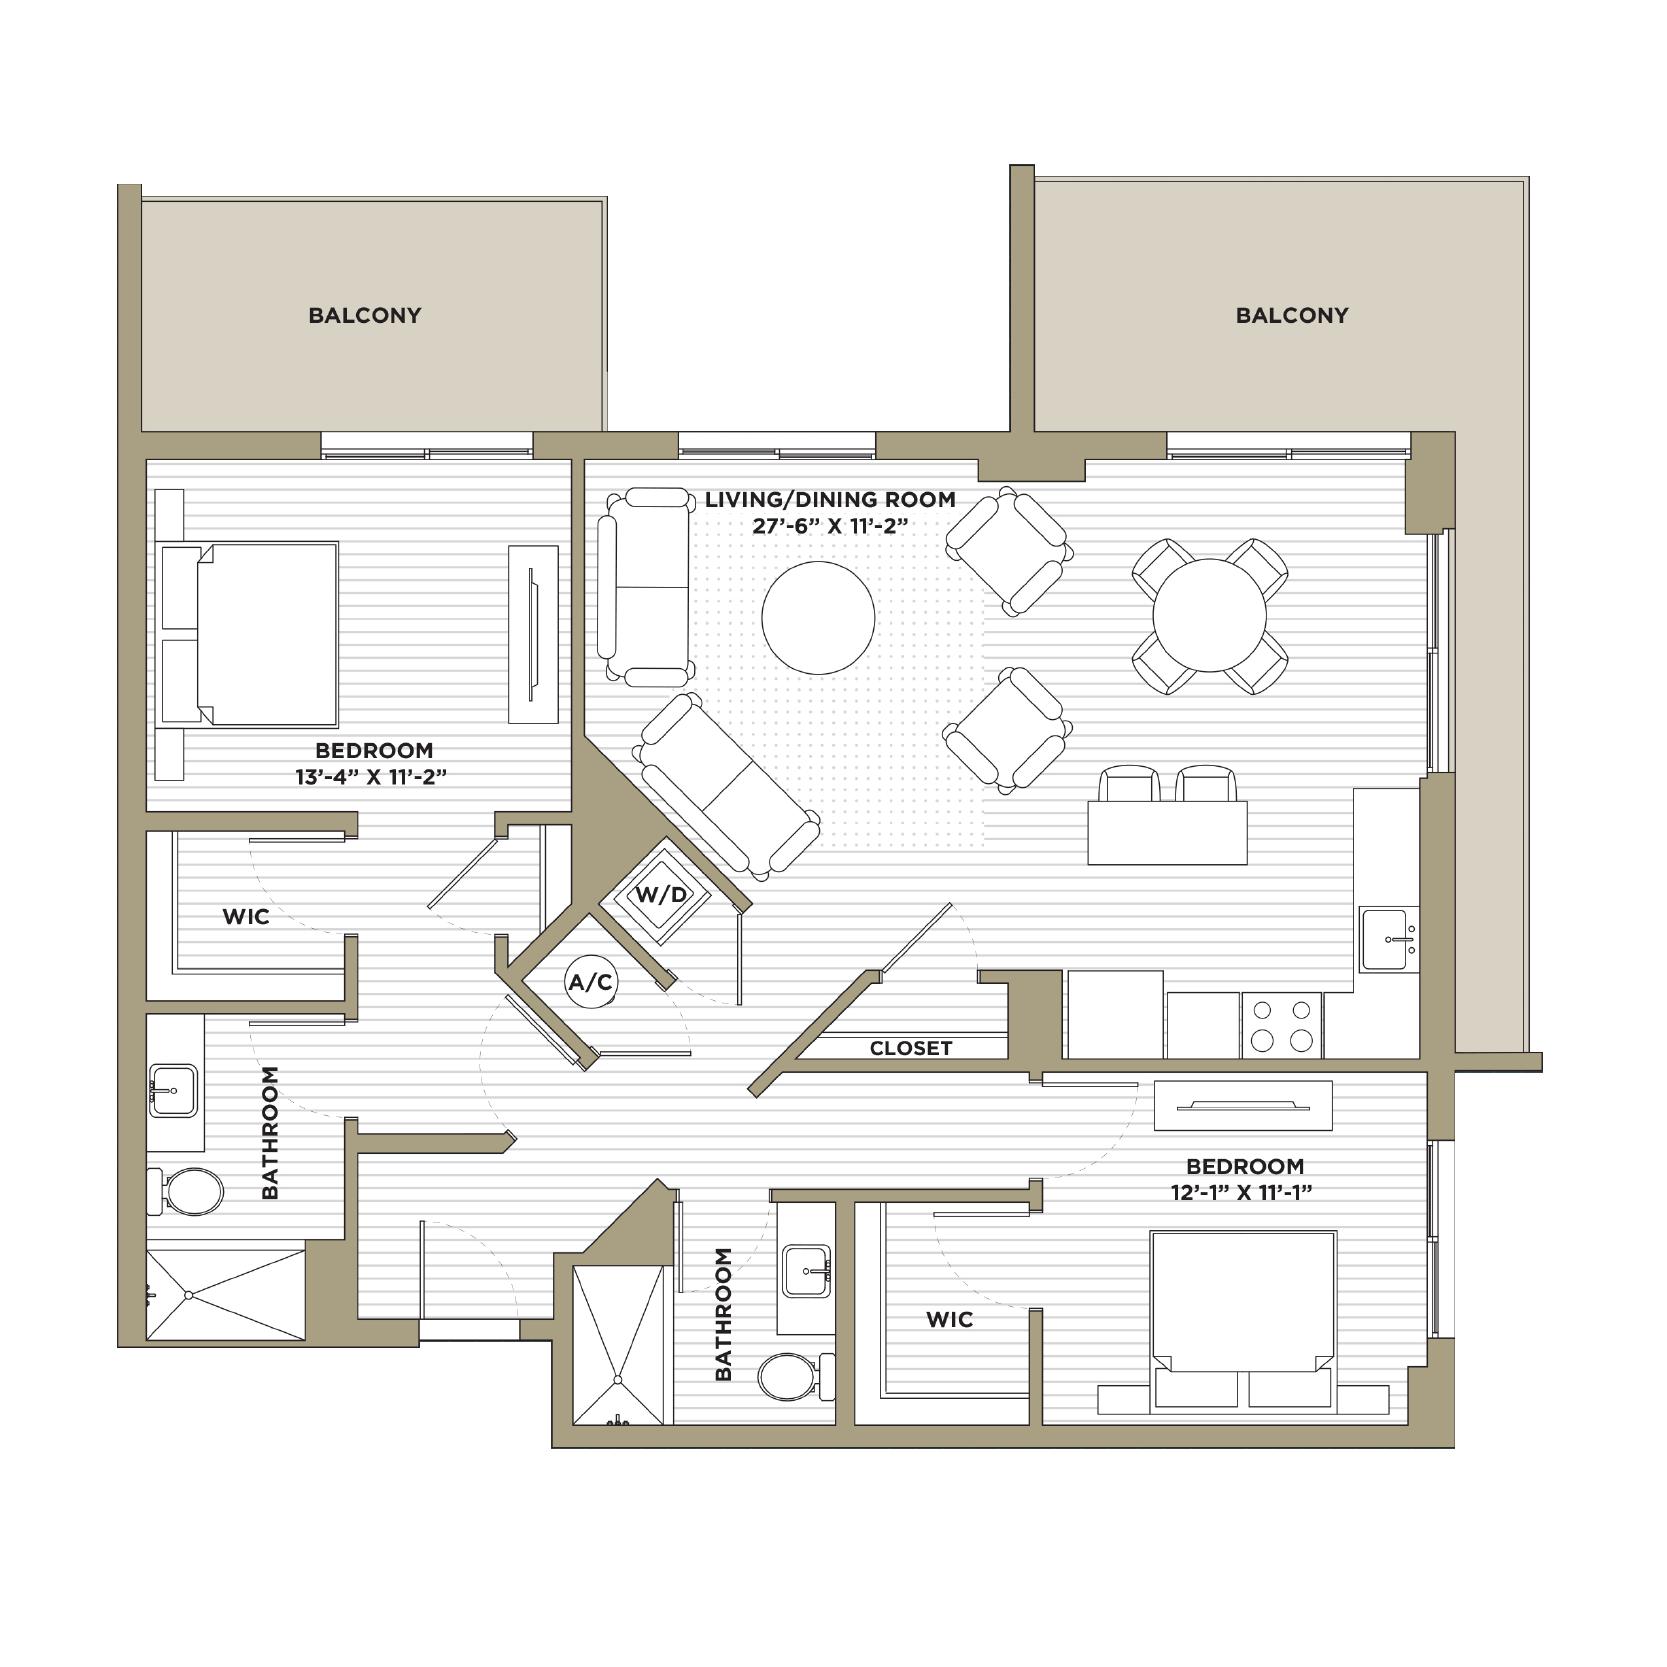 B4 - 2 Bedroom / 2 Bathroom1,280 sq. ft.